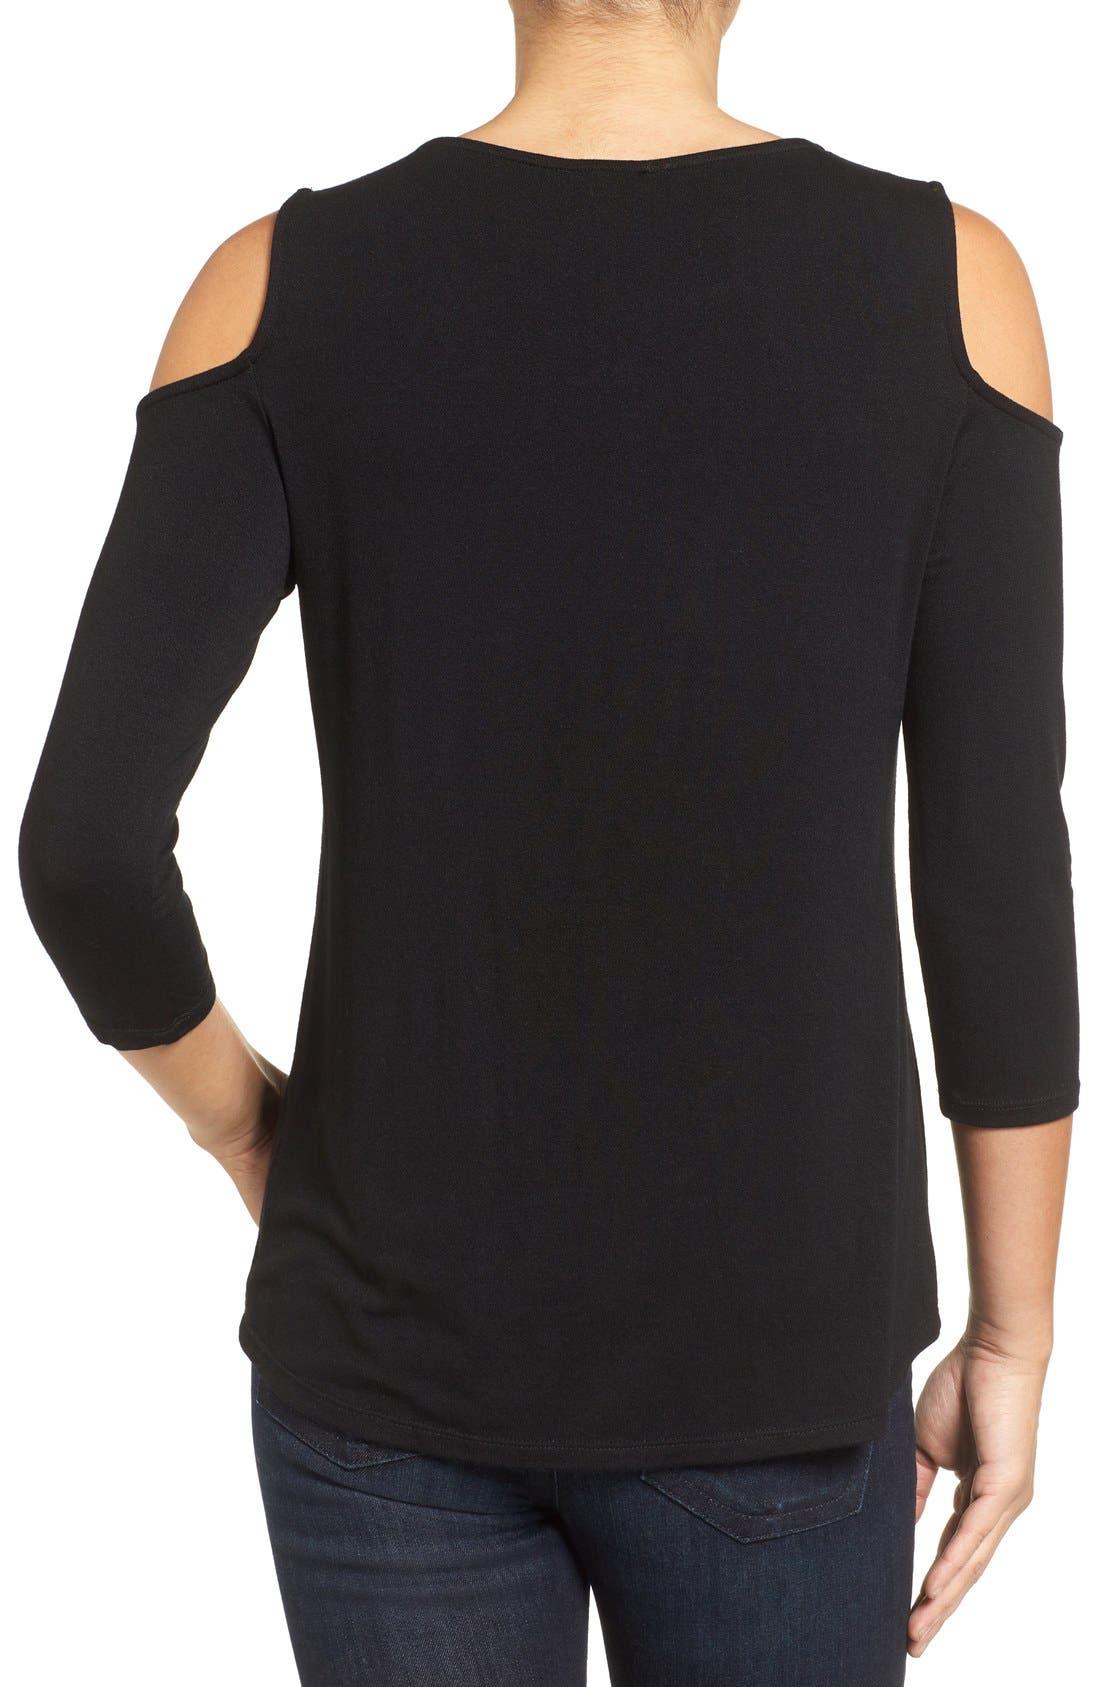 Alternate Image 2  - Halogen® Knit Cold Shoulder Tee (Regular & Petite)